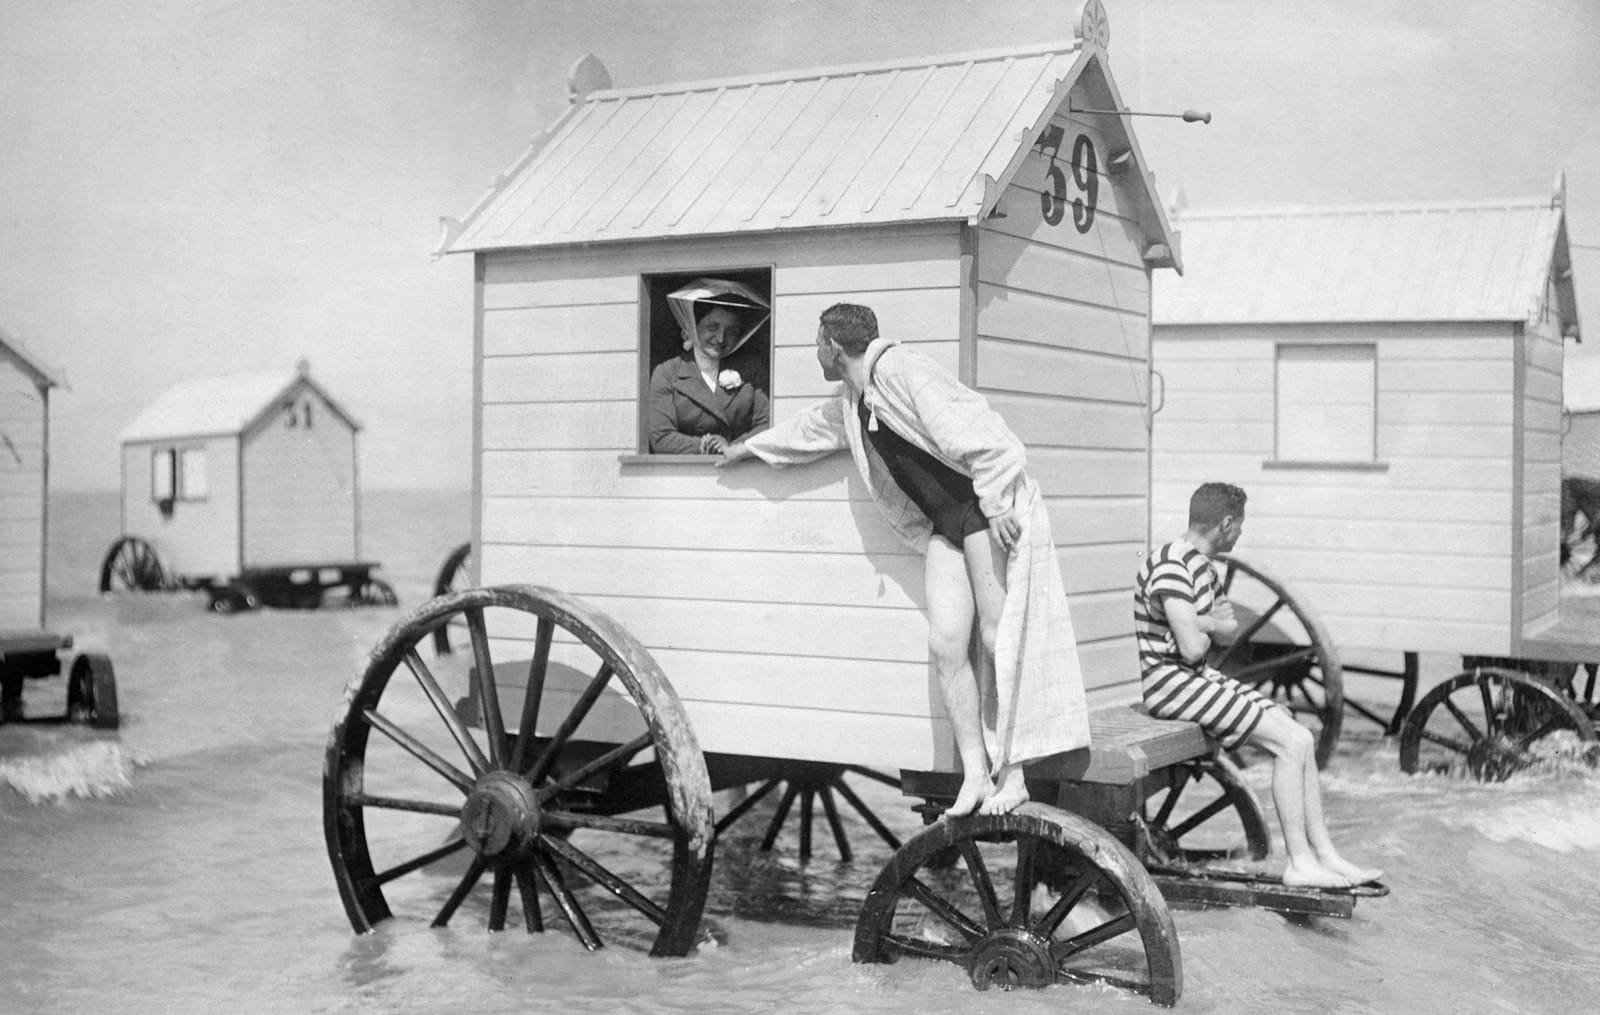 Отдыхающие наслаждаются водой из своего вагончика, примерно 1910 г. 100 лет назад, 20 век, архивные снимки, архивные фотографии, пляж, пляжный отдых, черно-белые фотографии, чёрно-белые фото